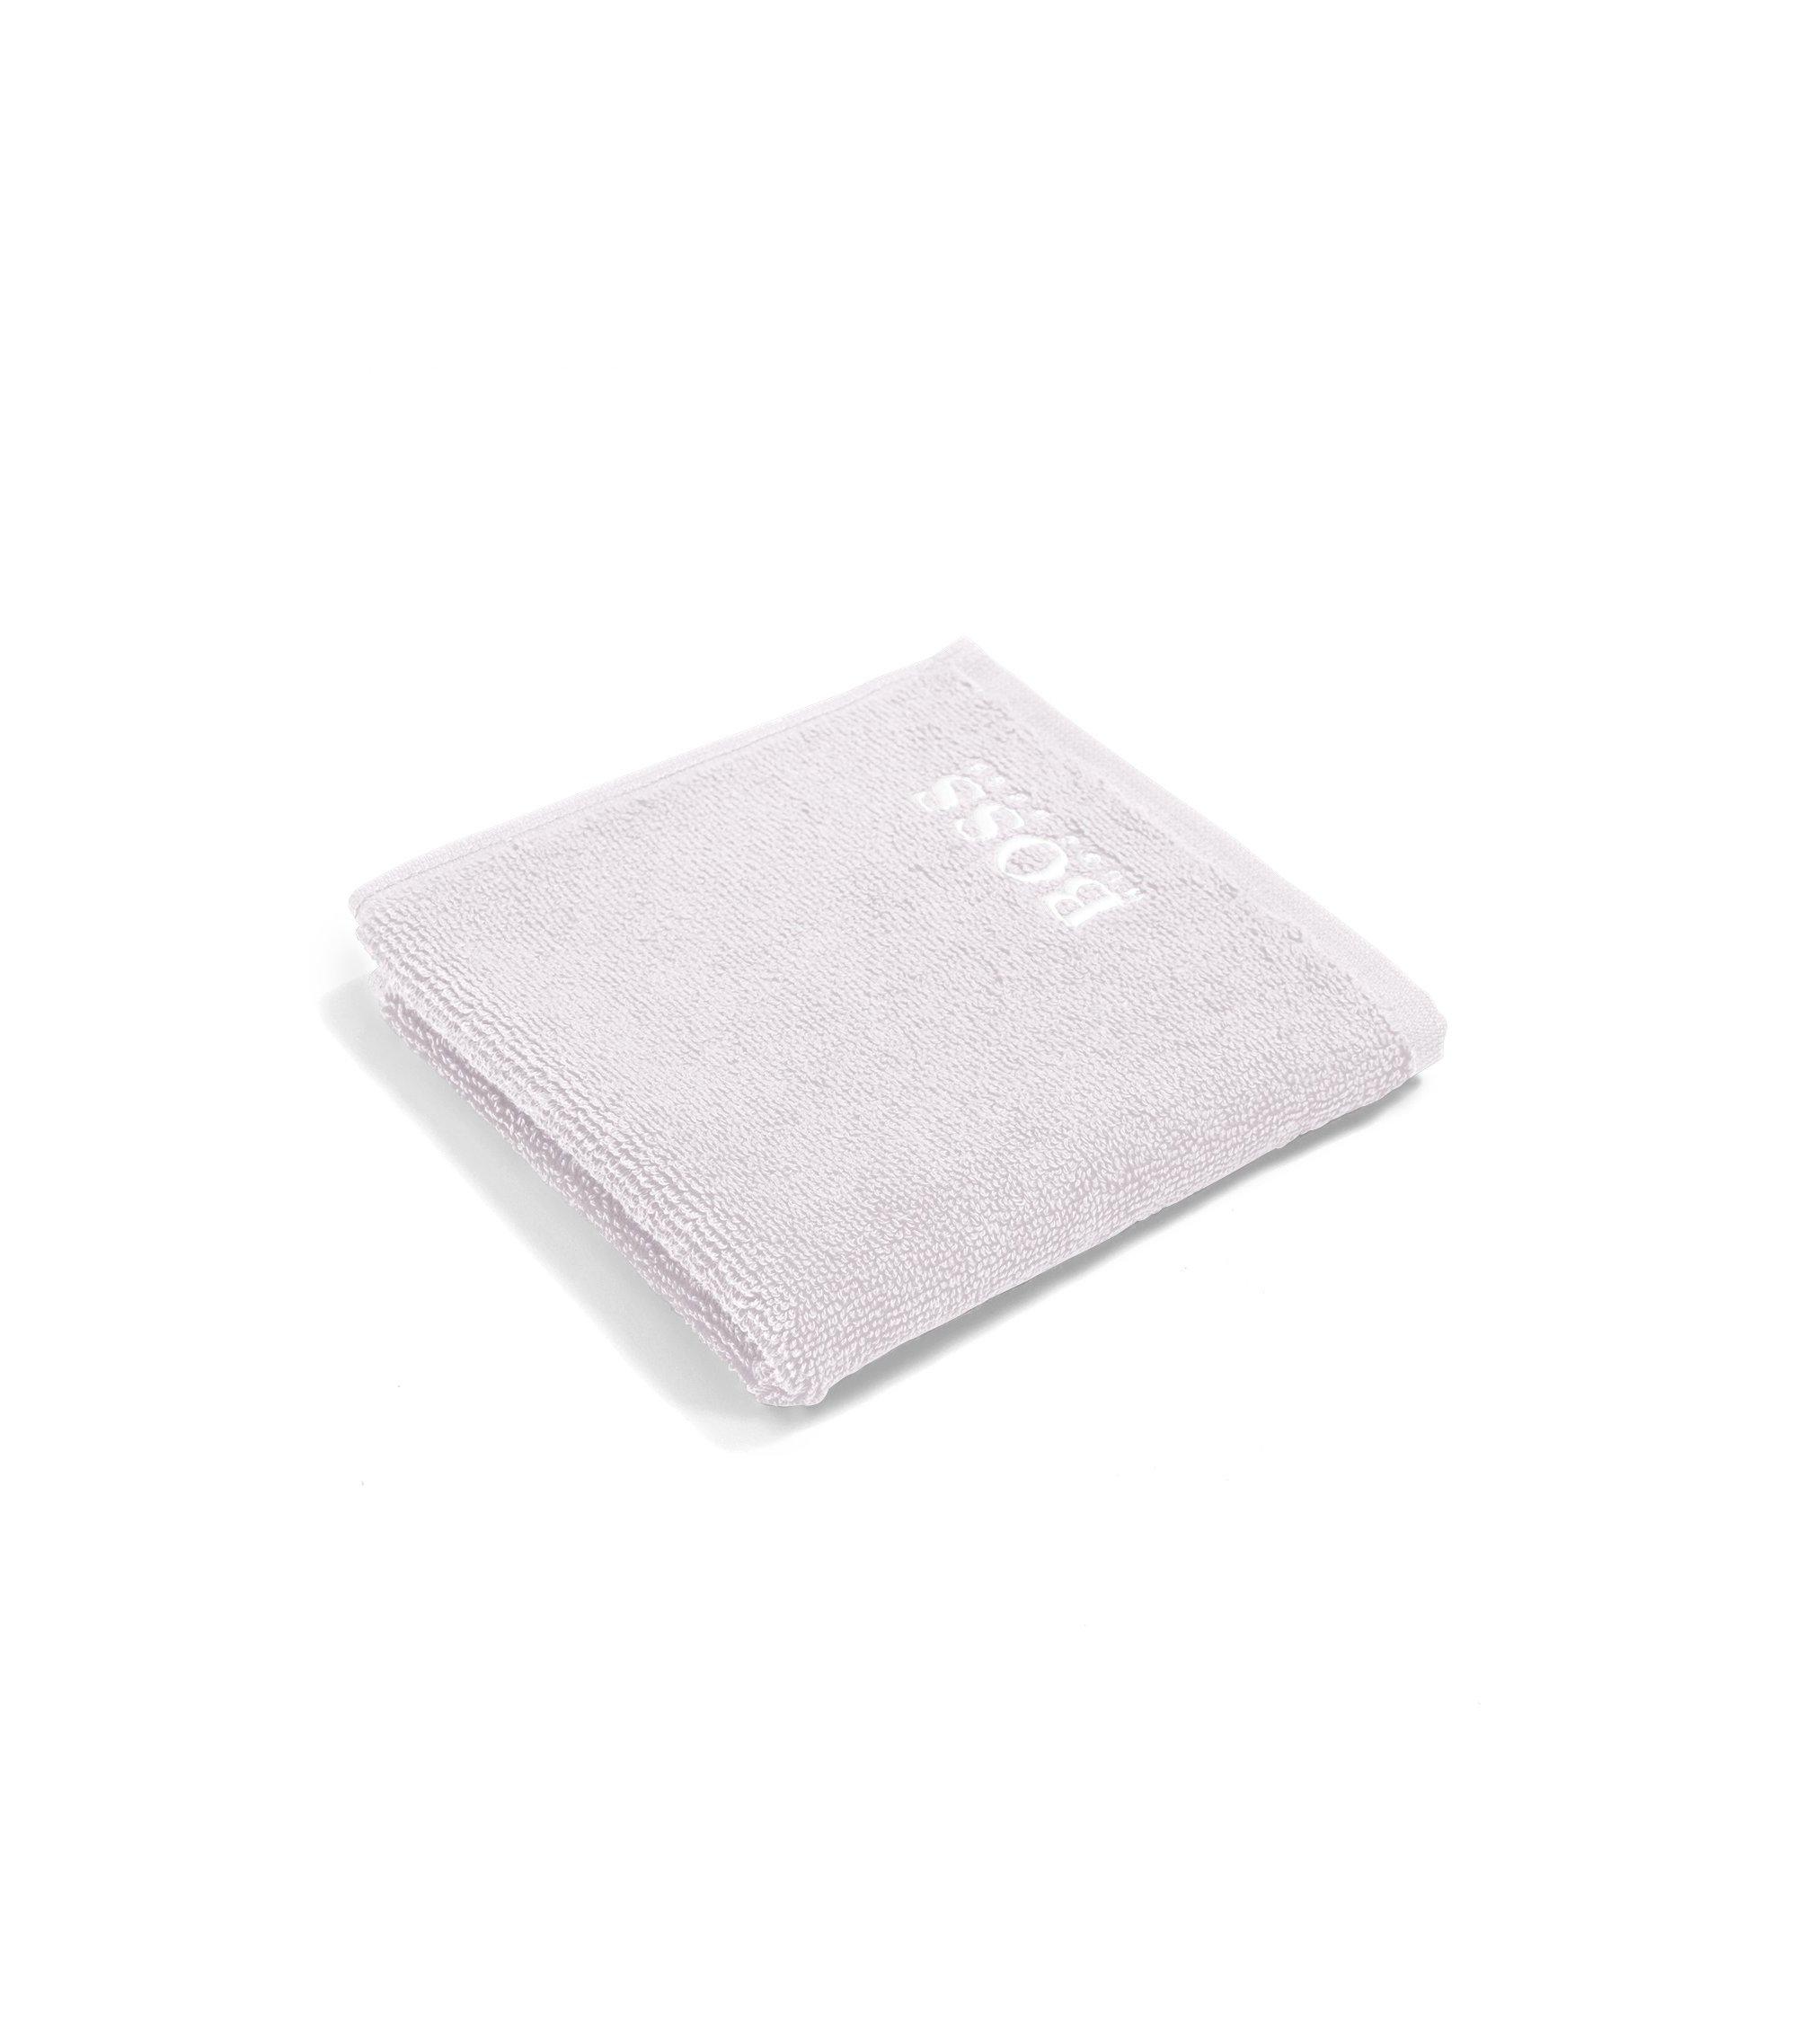 Asciugamano da viso in raffinato cotone egiziano con logo ricamato, Argento